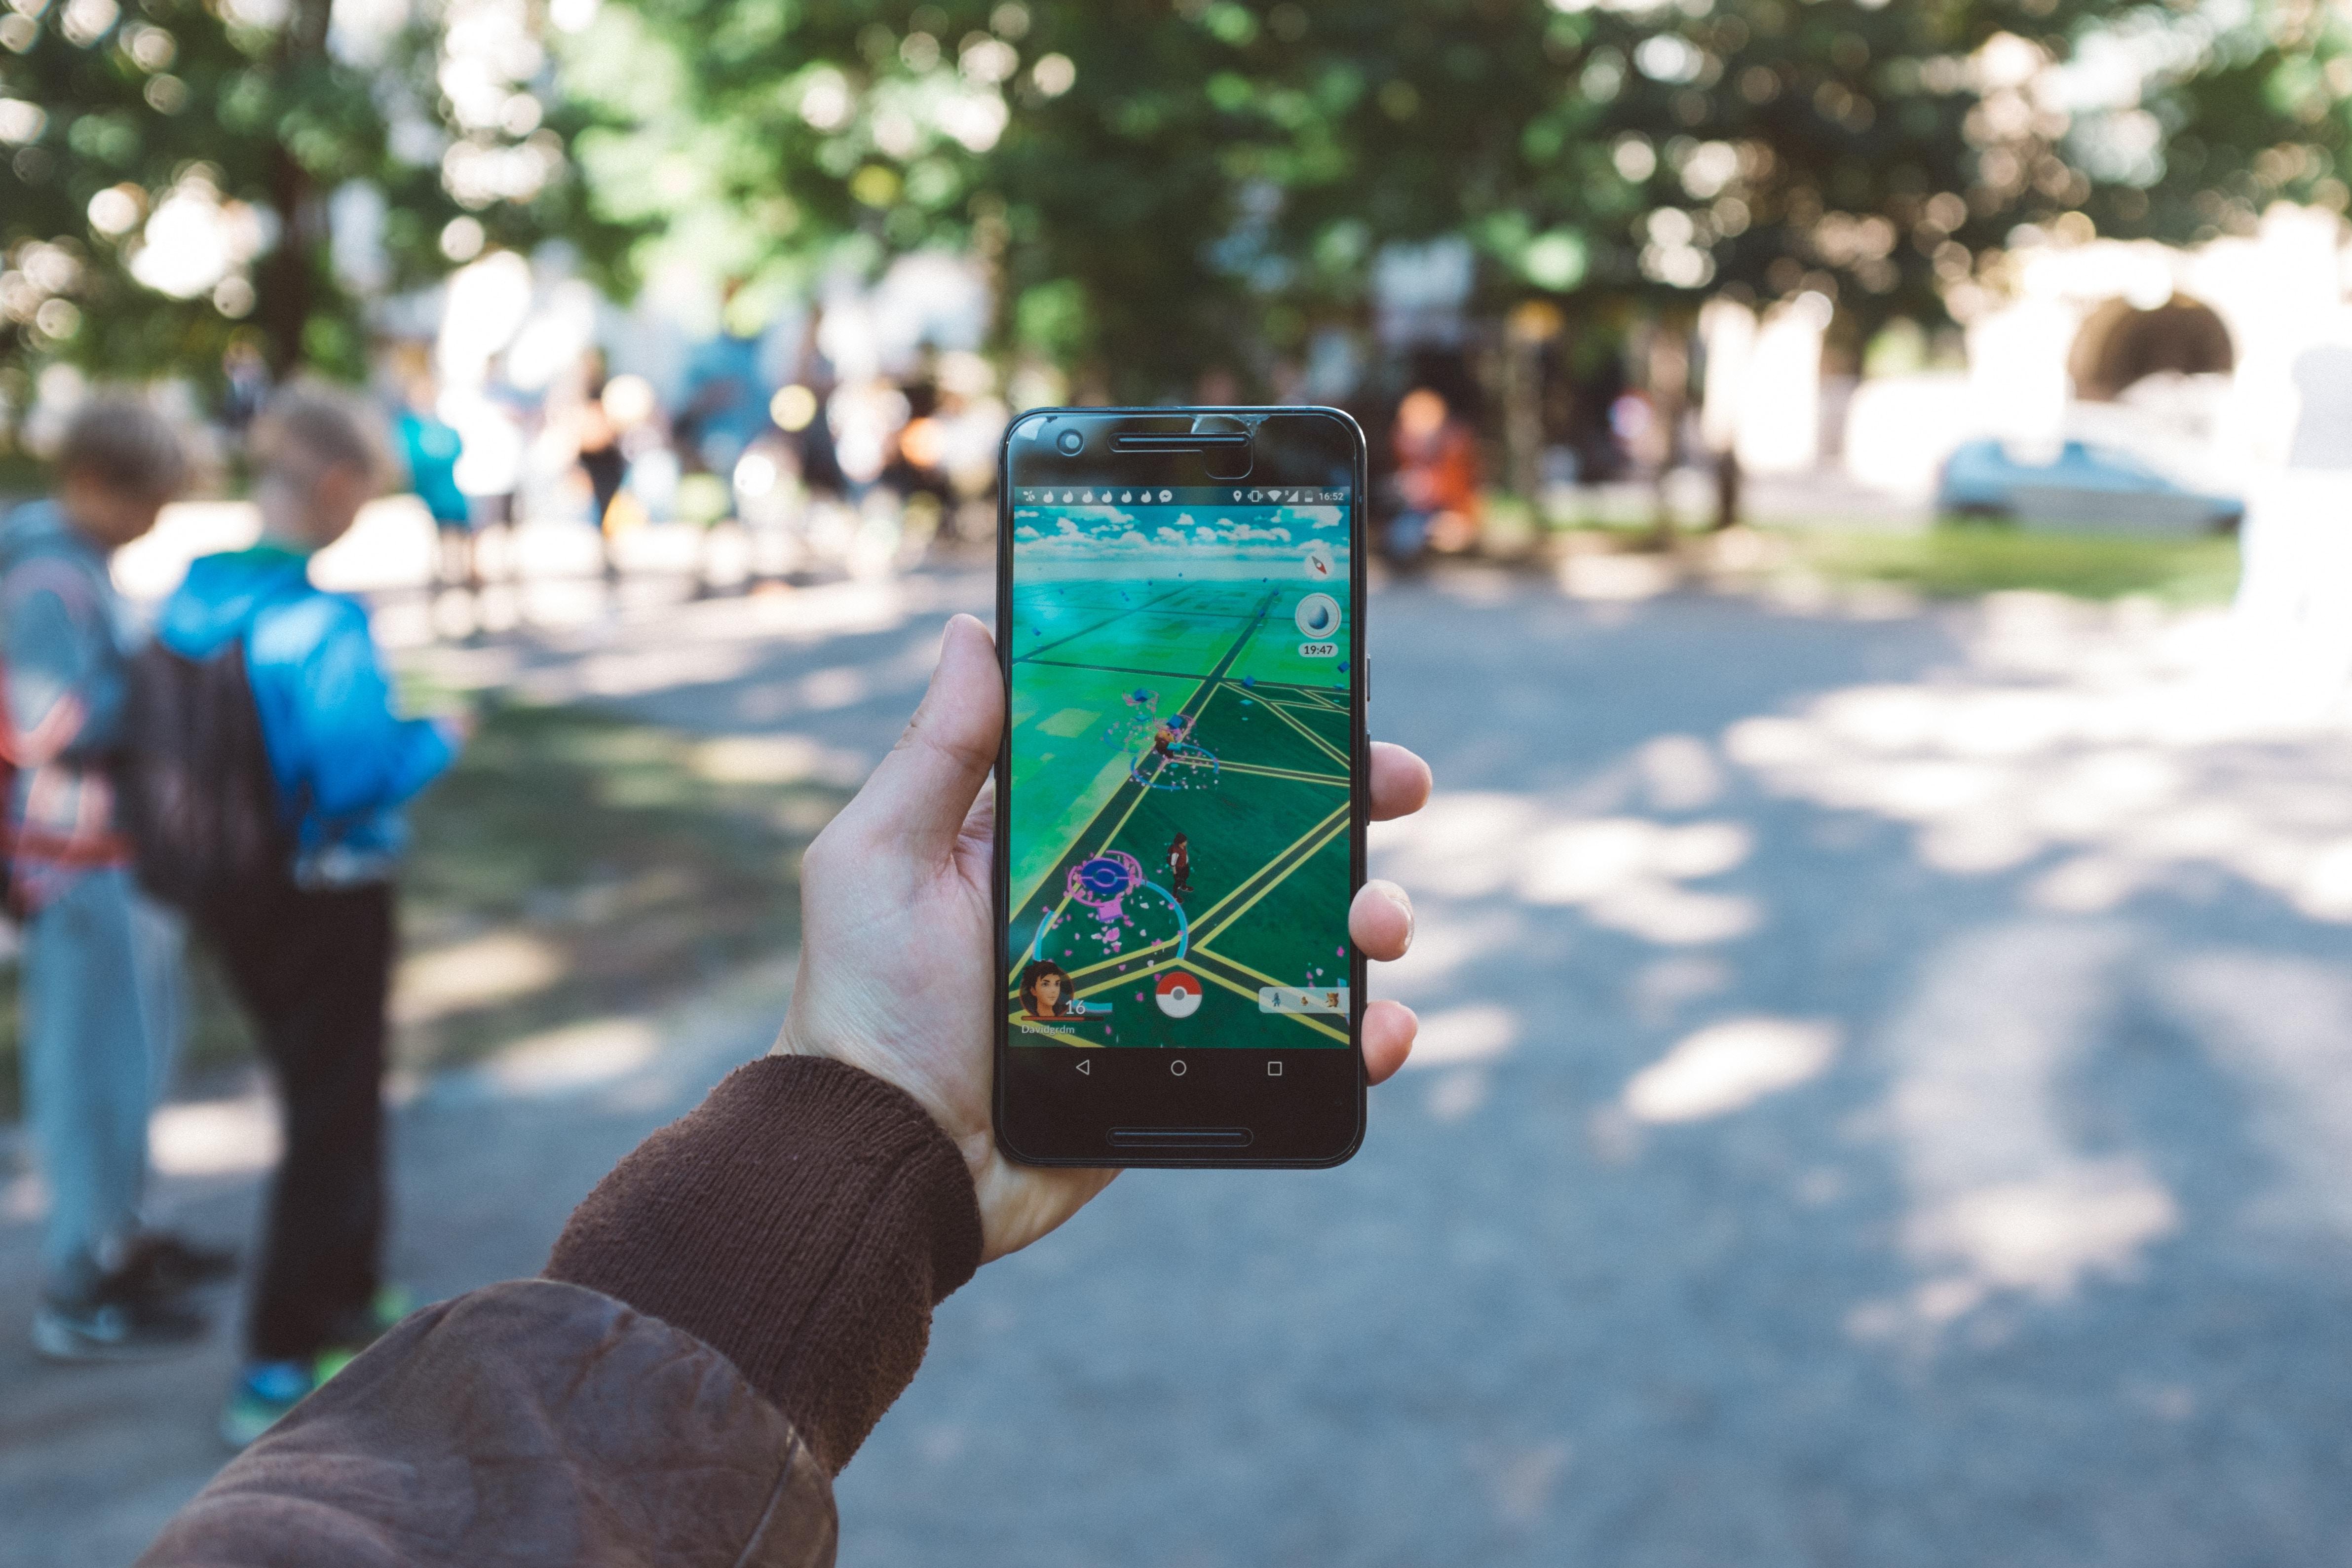 juegos marketing desarrollo gamming estrategias publicidad pantallas via publica digital cordoba argentina.jpg